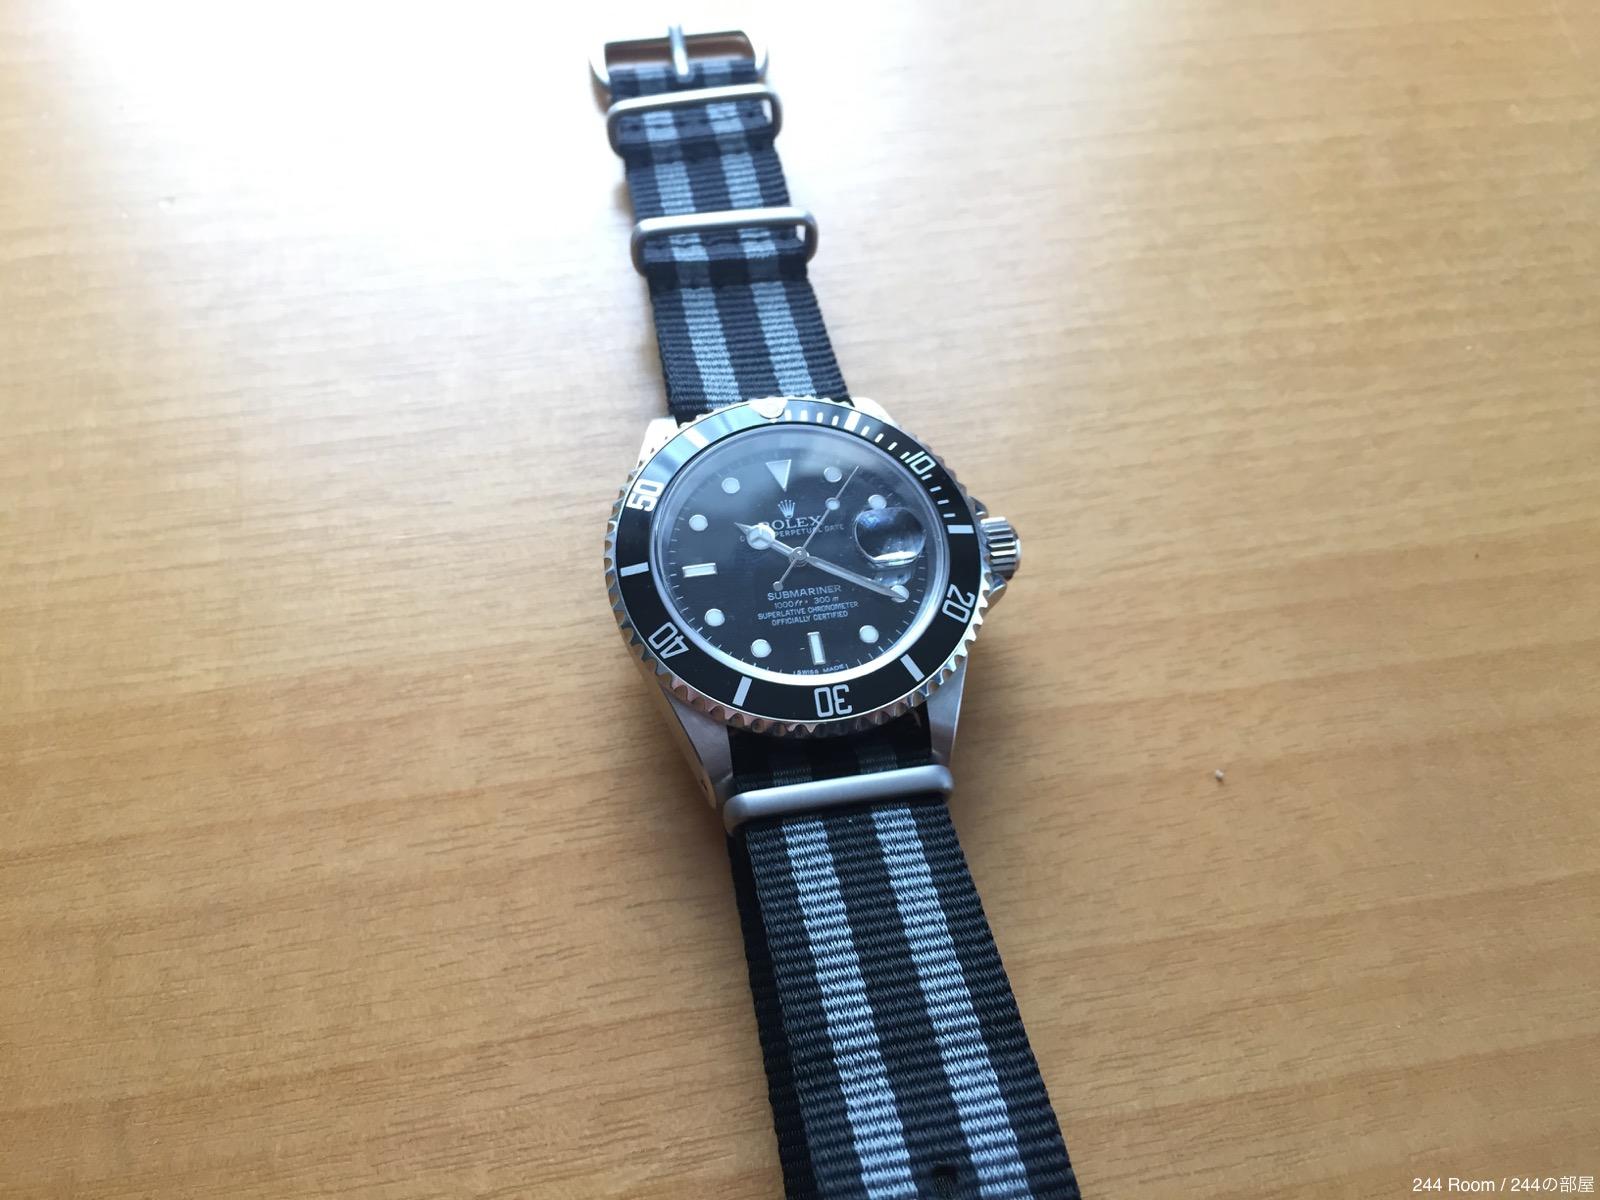 Rolex-submariner-date-natoG10strap-watchgecko